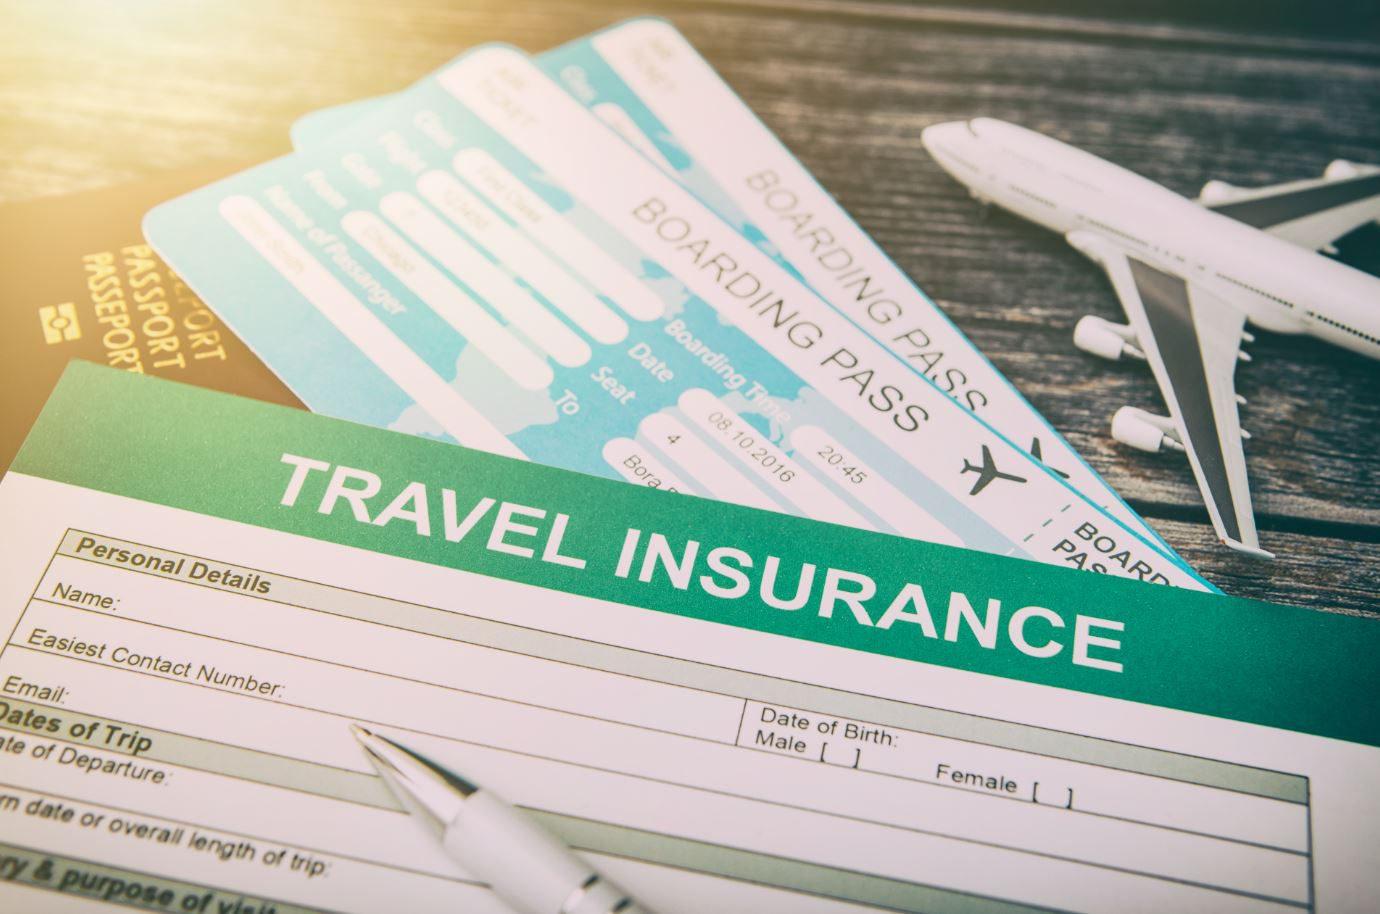 เช็คสักนิด ก่อนคิดซื้อประกันภัยการเดินทาง